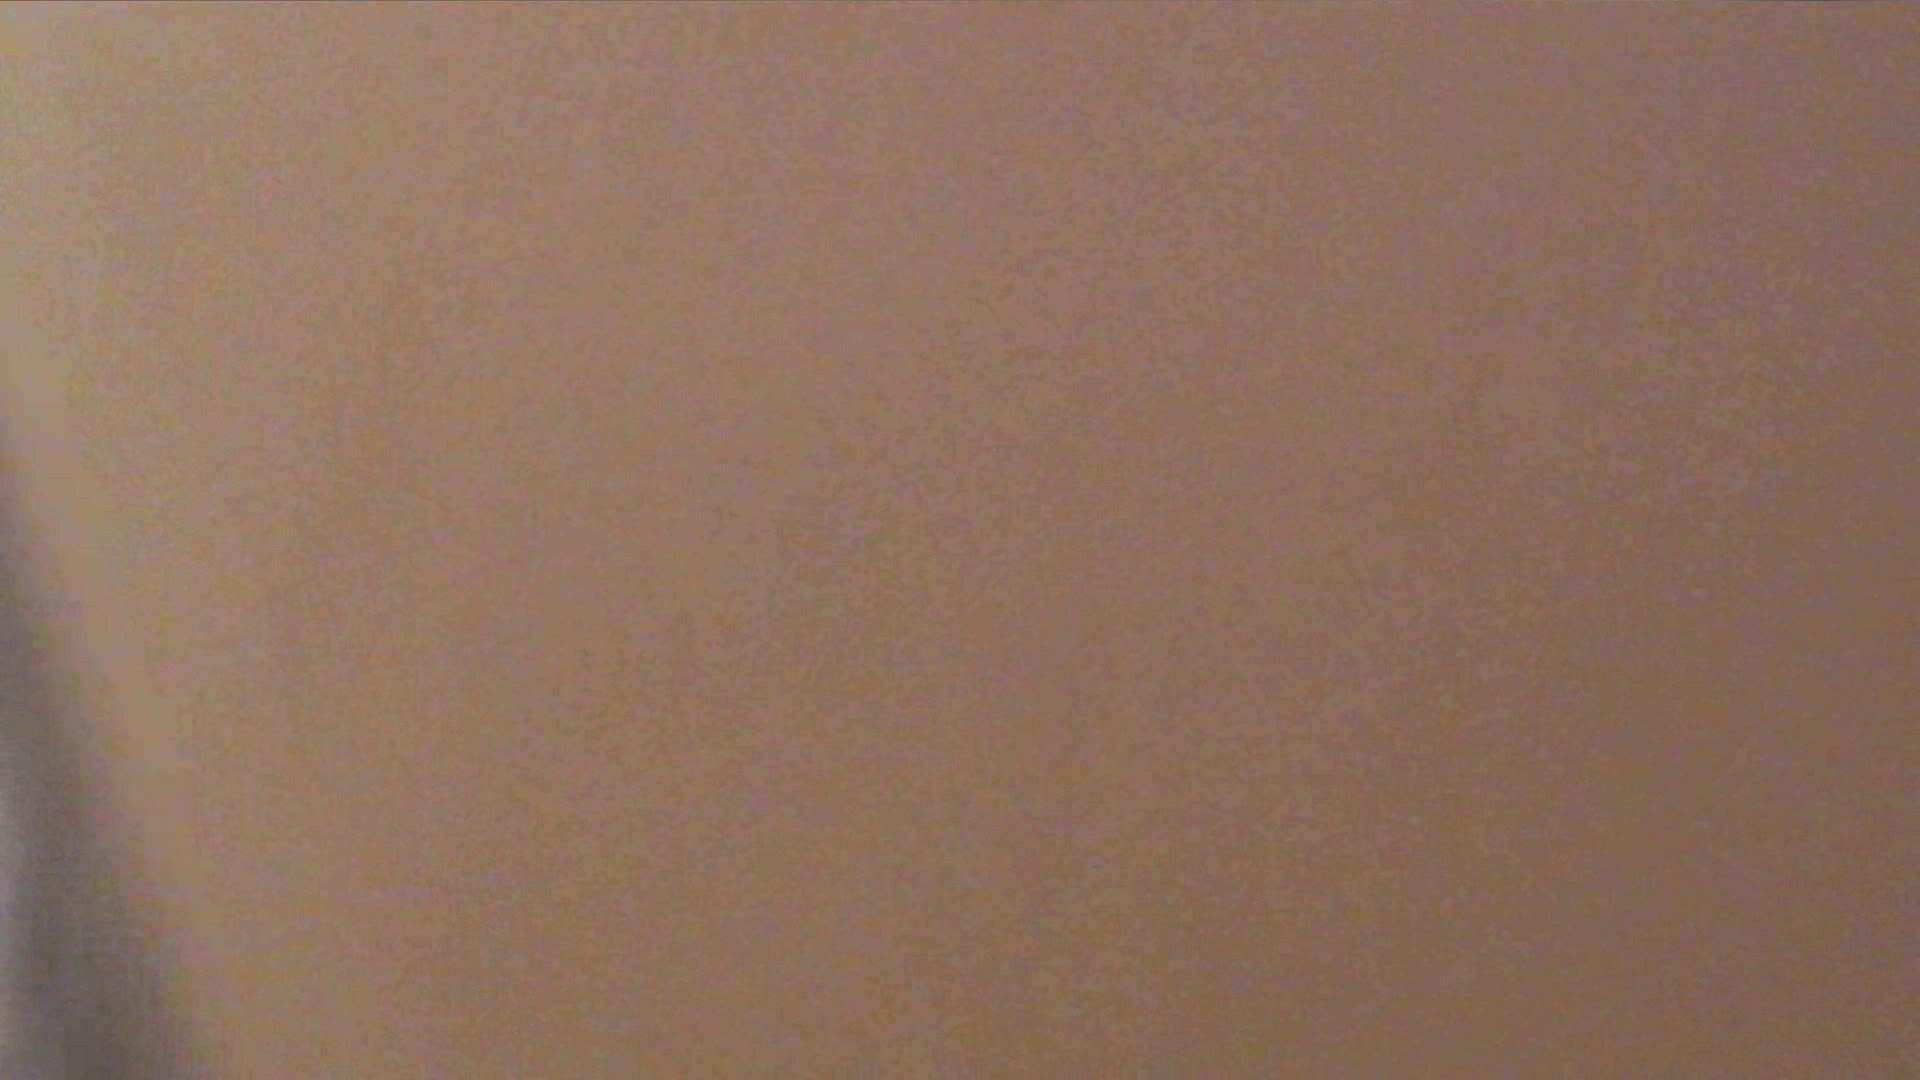 洗寿観音さんの 化粧室は四面楚歌Nol.2 エッチすぎるOL達  97連発 48